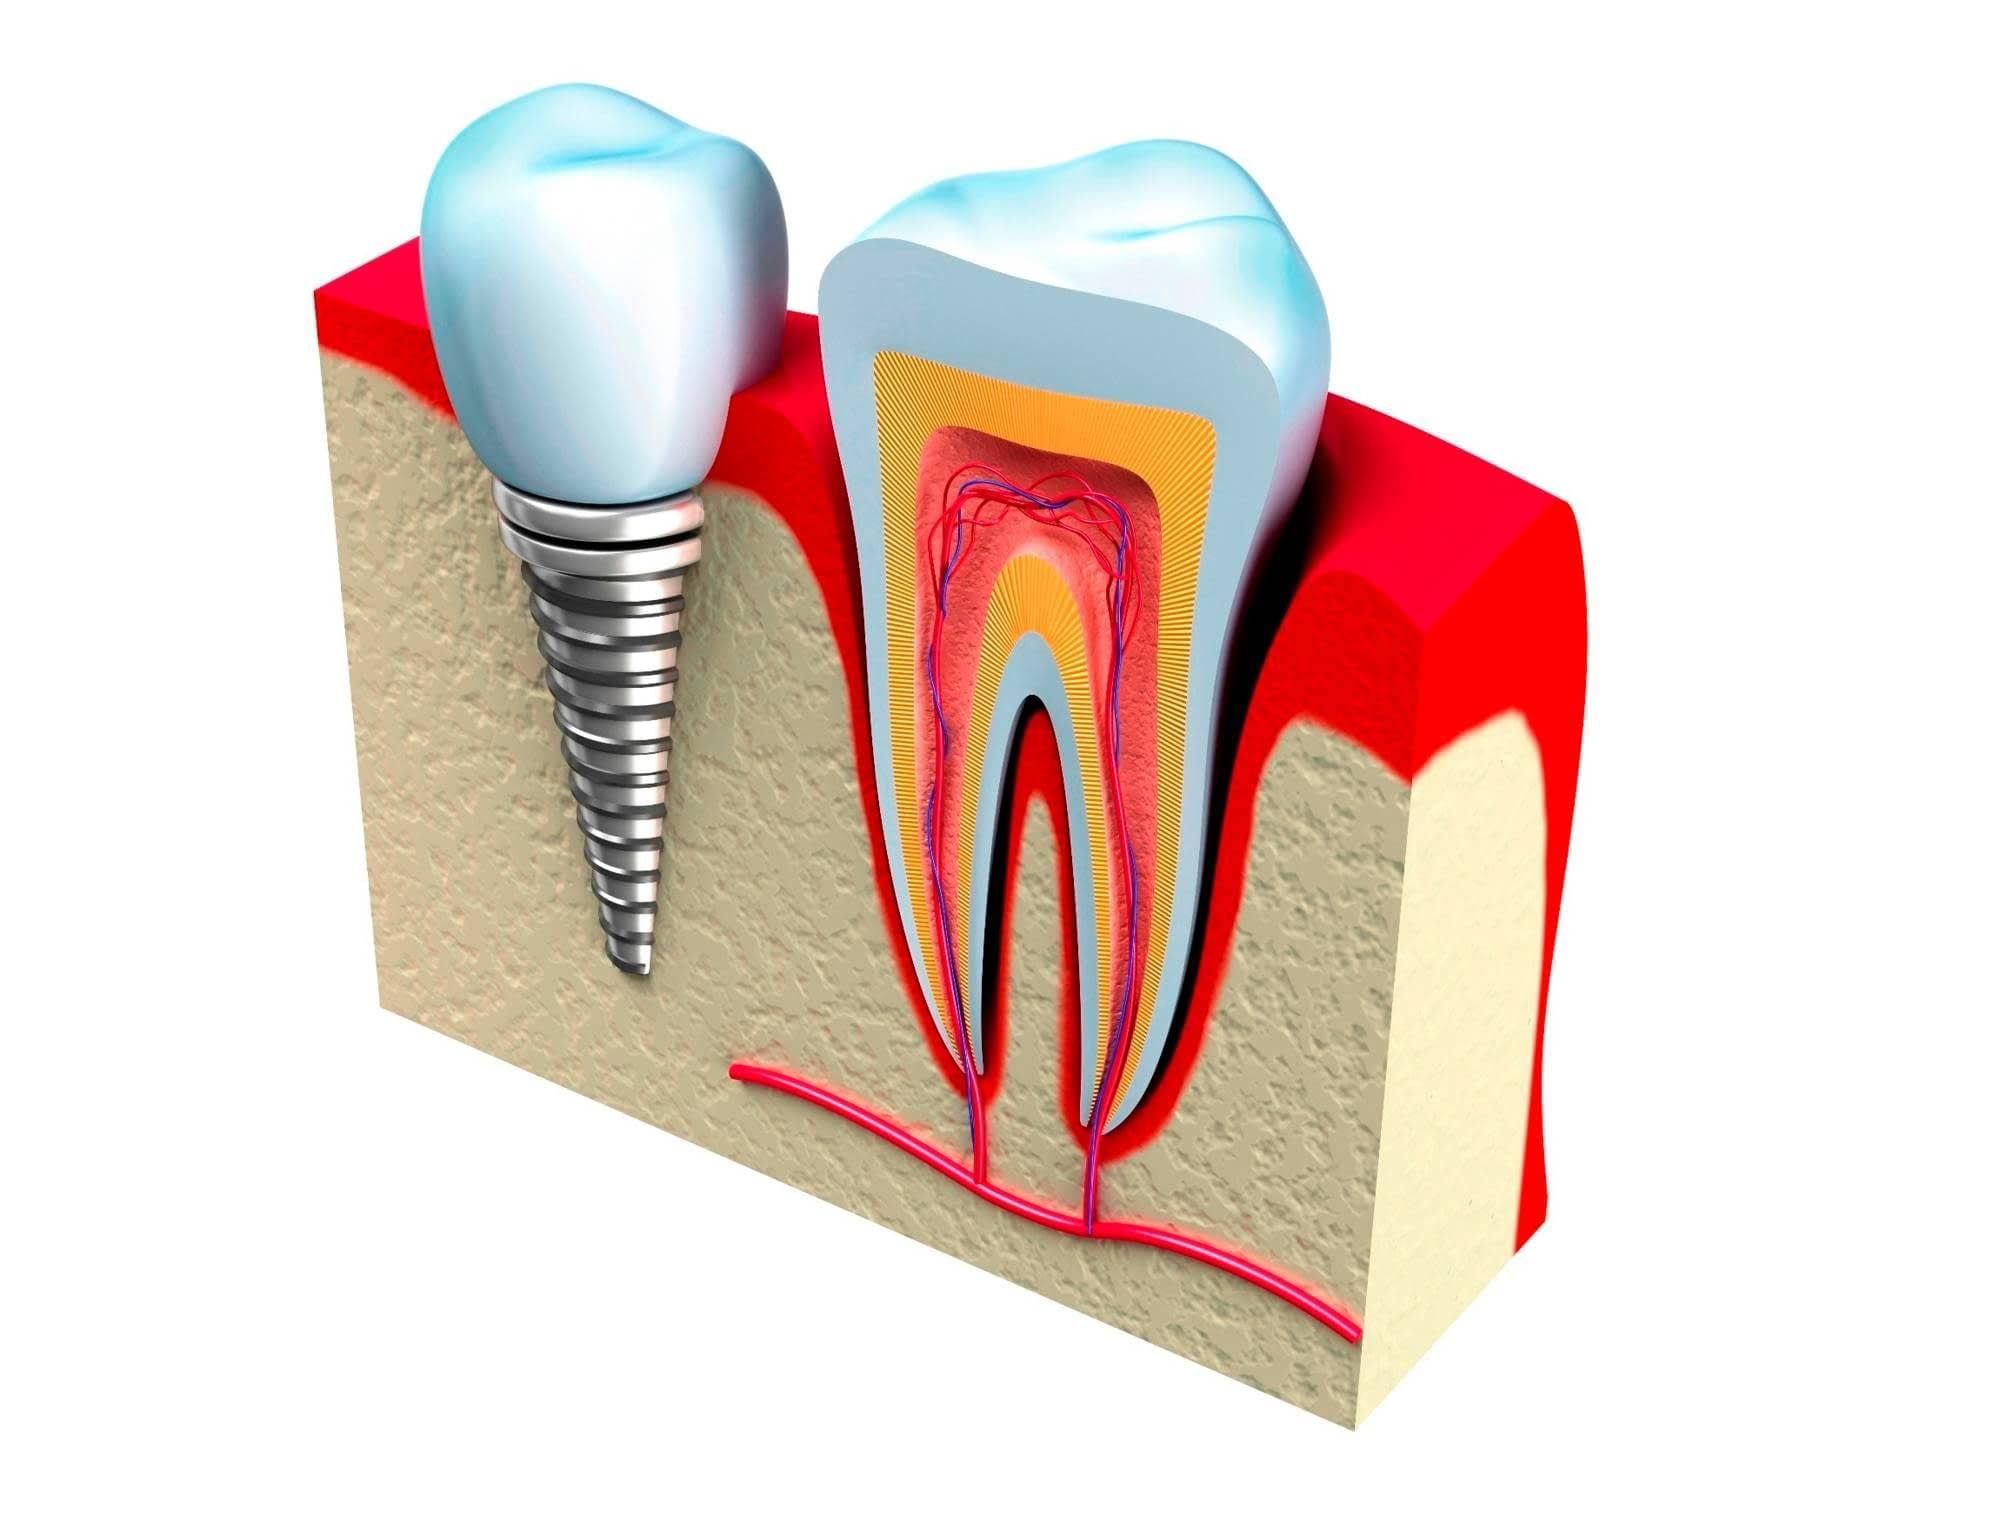 Cirugía y periodoncia: Odontología de Clínica Dental Alai